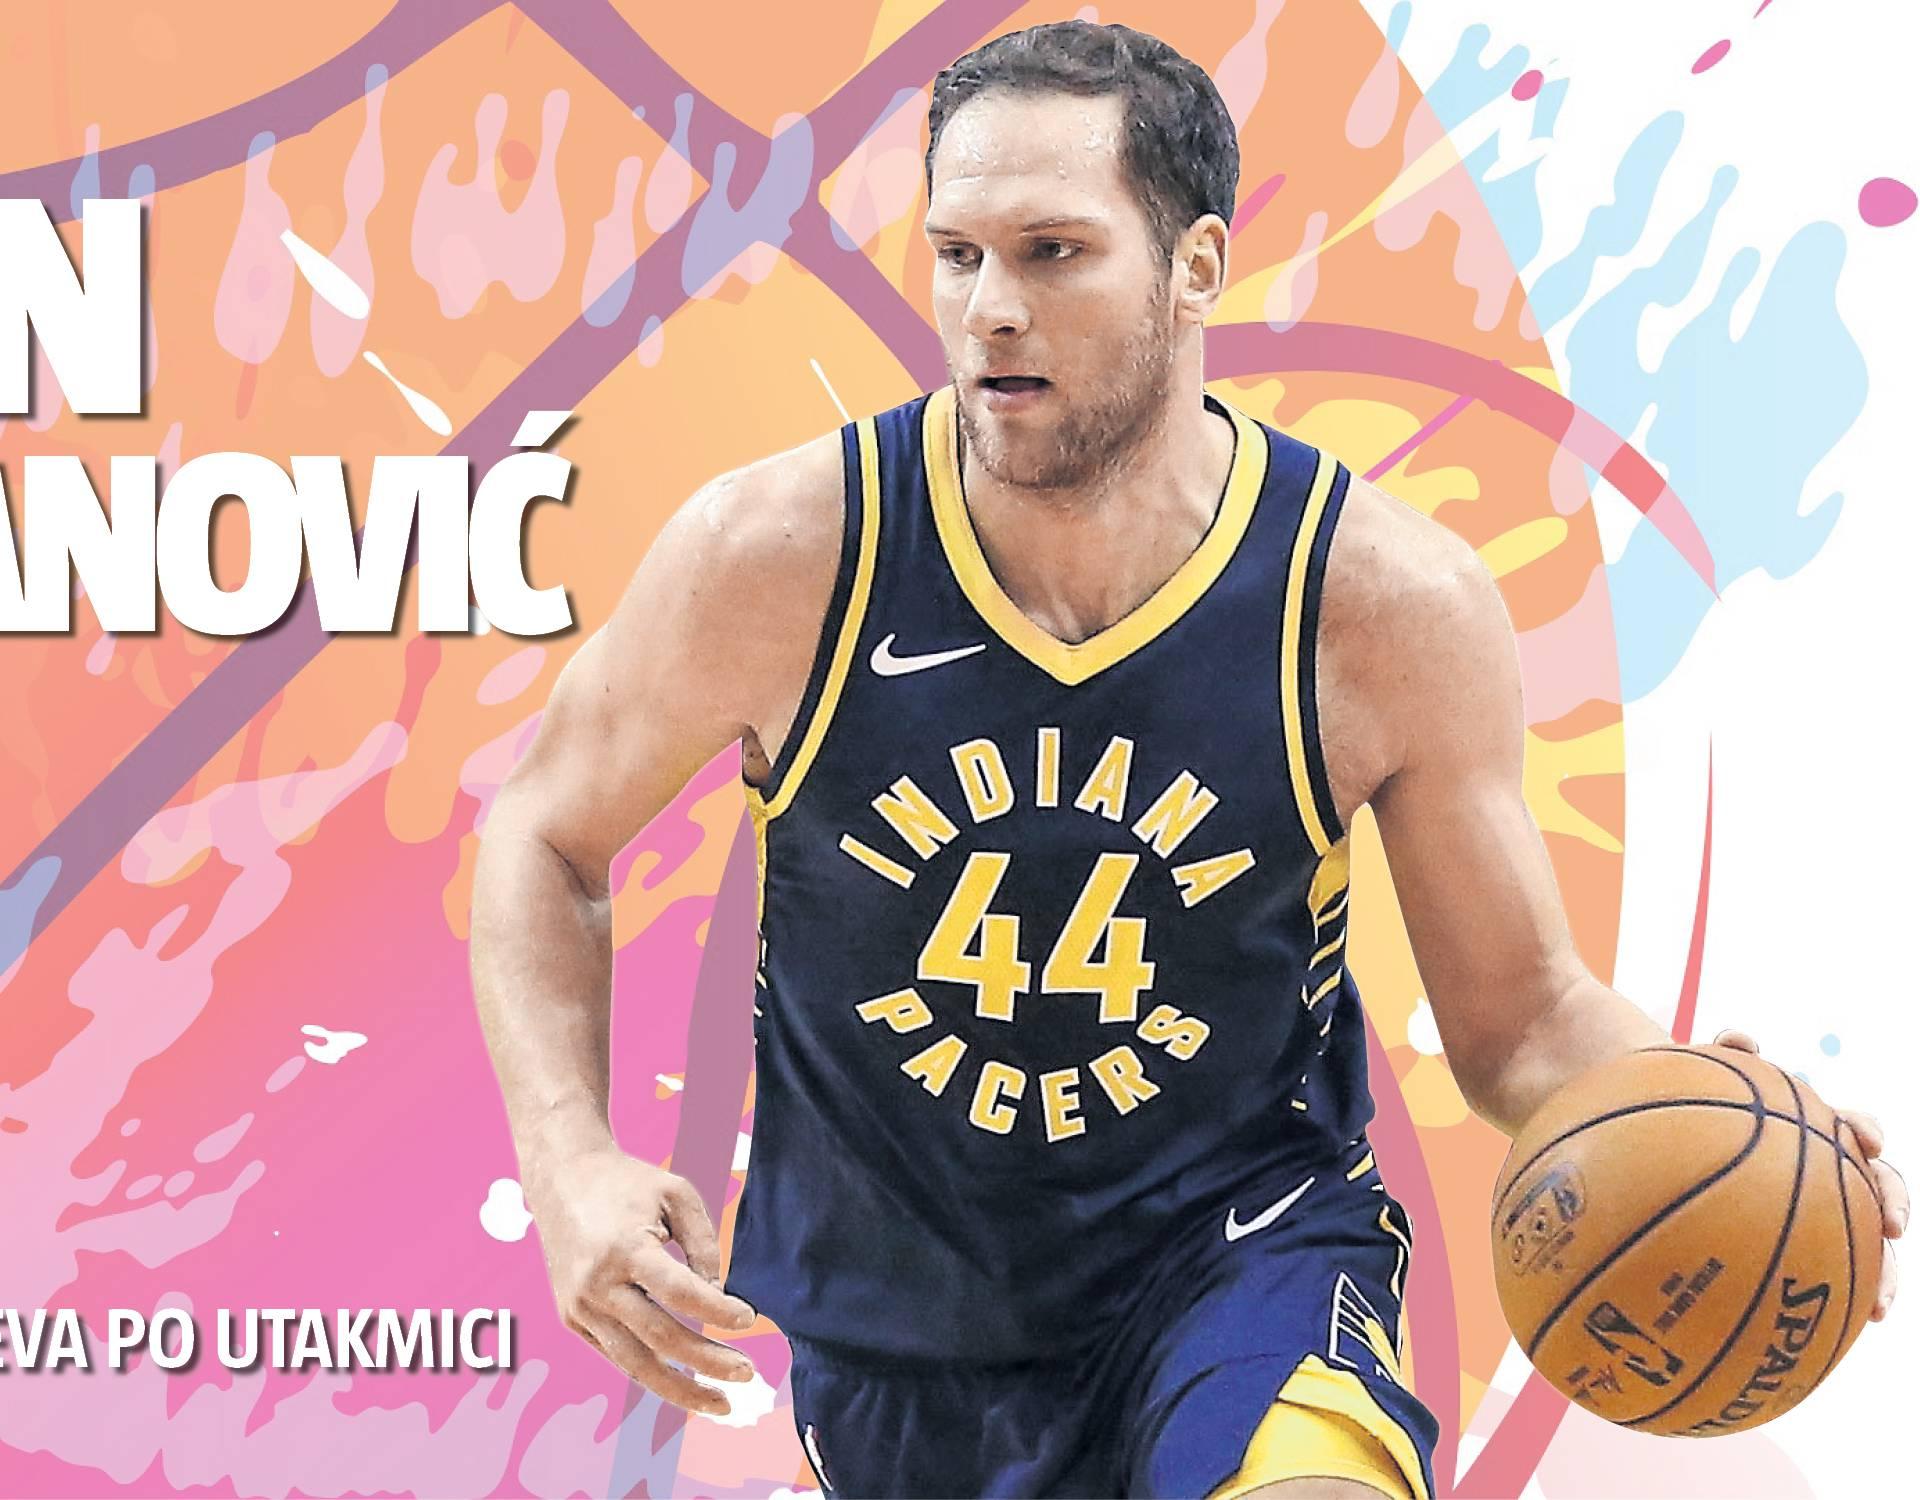 Dominacija! Bojan Bogdanović postao prava zvijezda u NBA